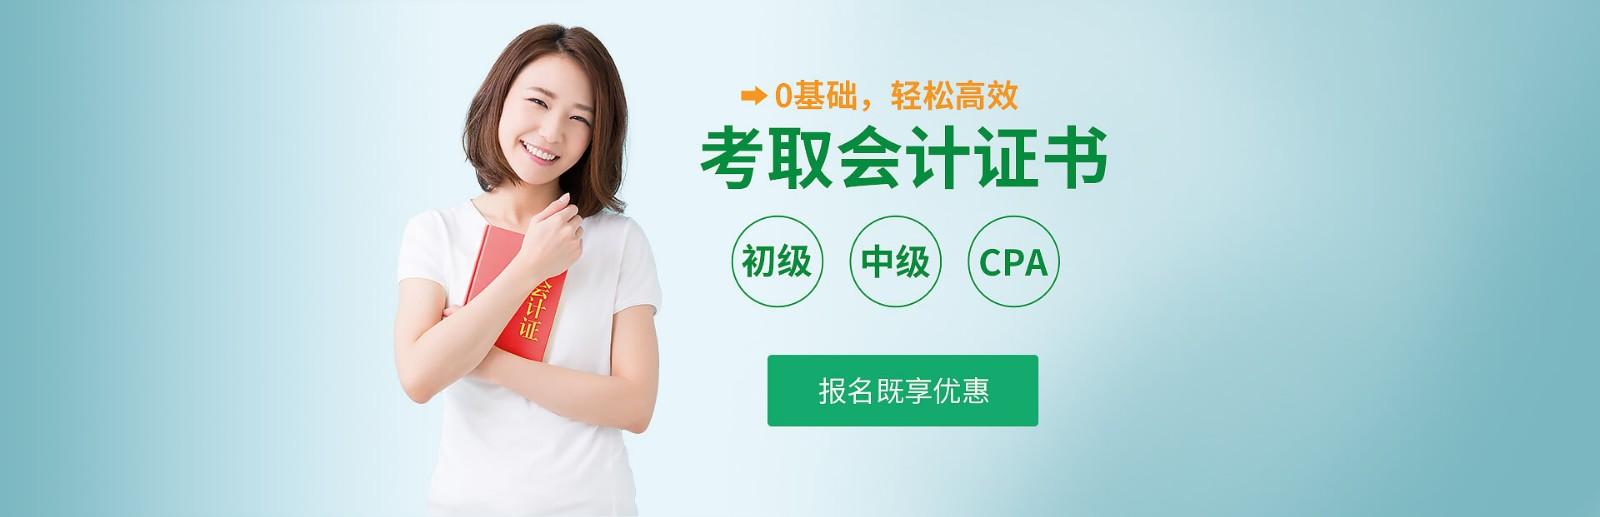 怀化恒企会计betway体育app学校 横幅广告